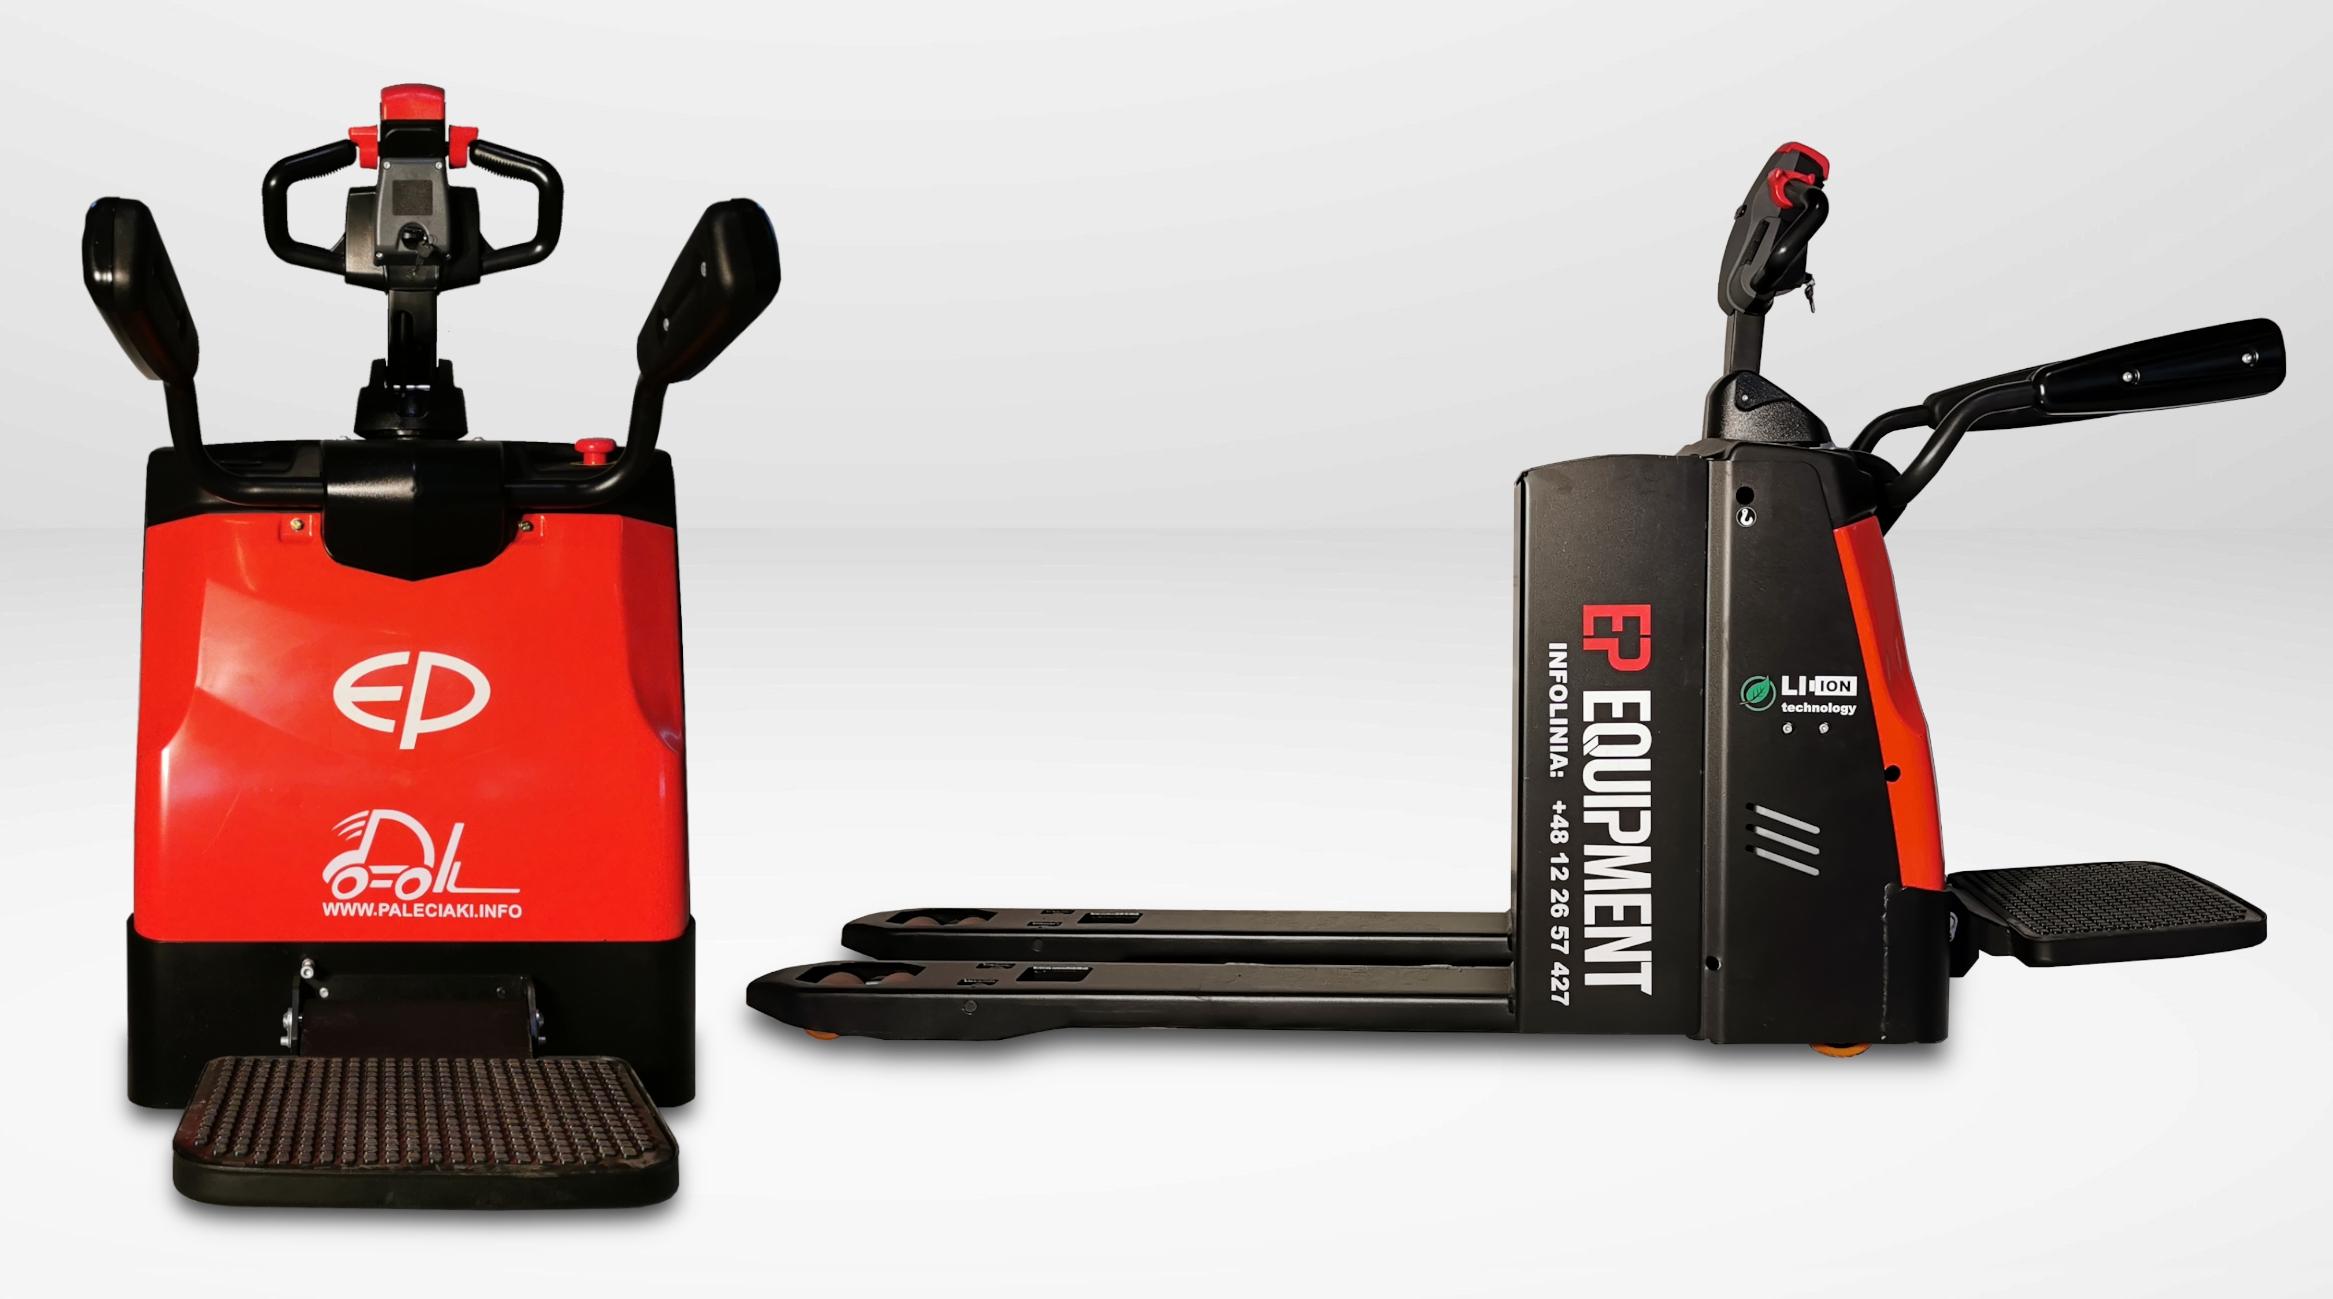 Elektryczny wózek paletowy RPL201H